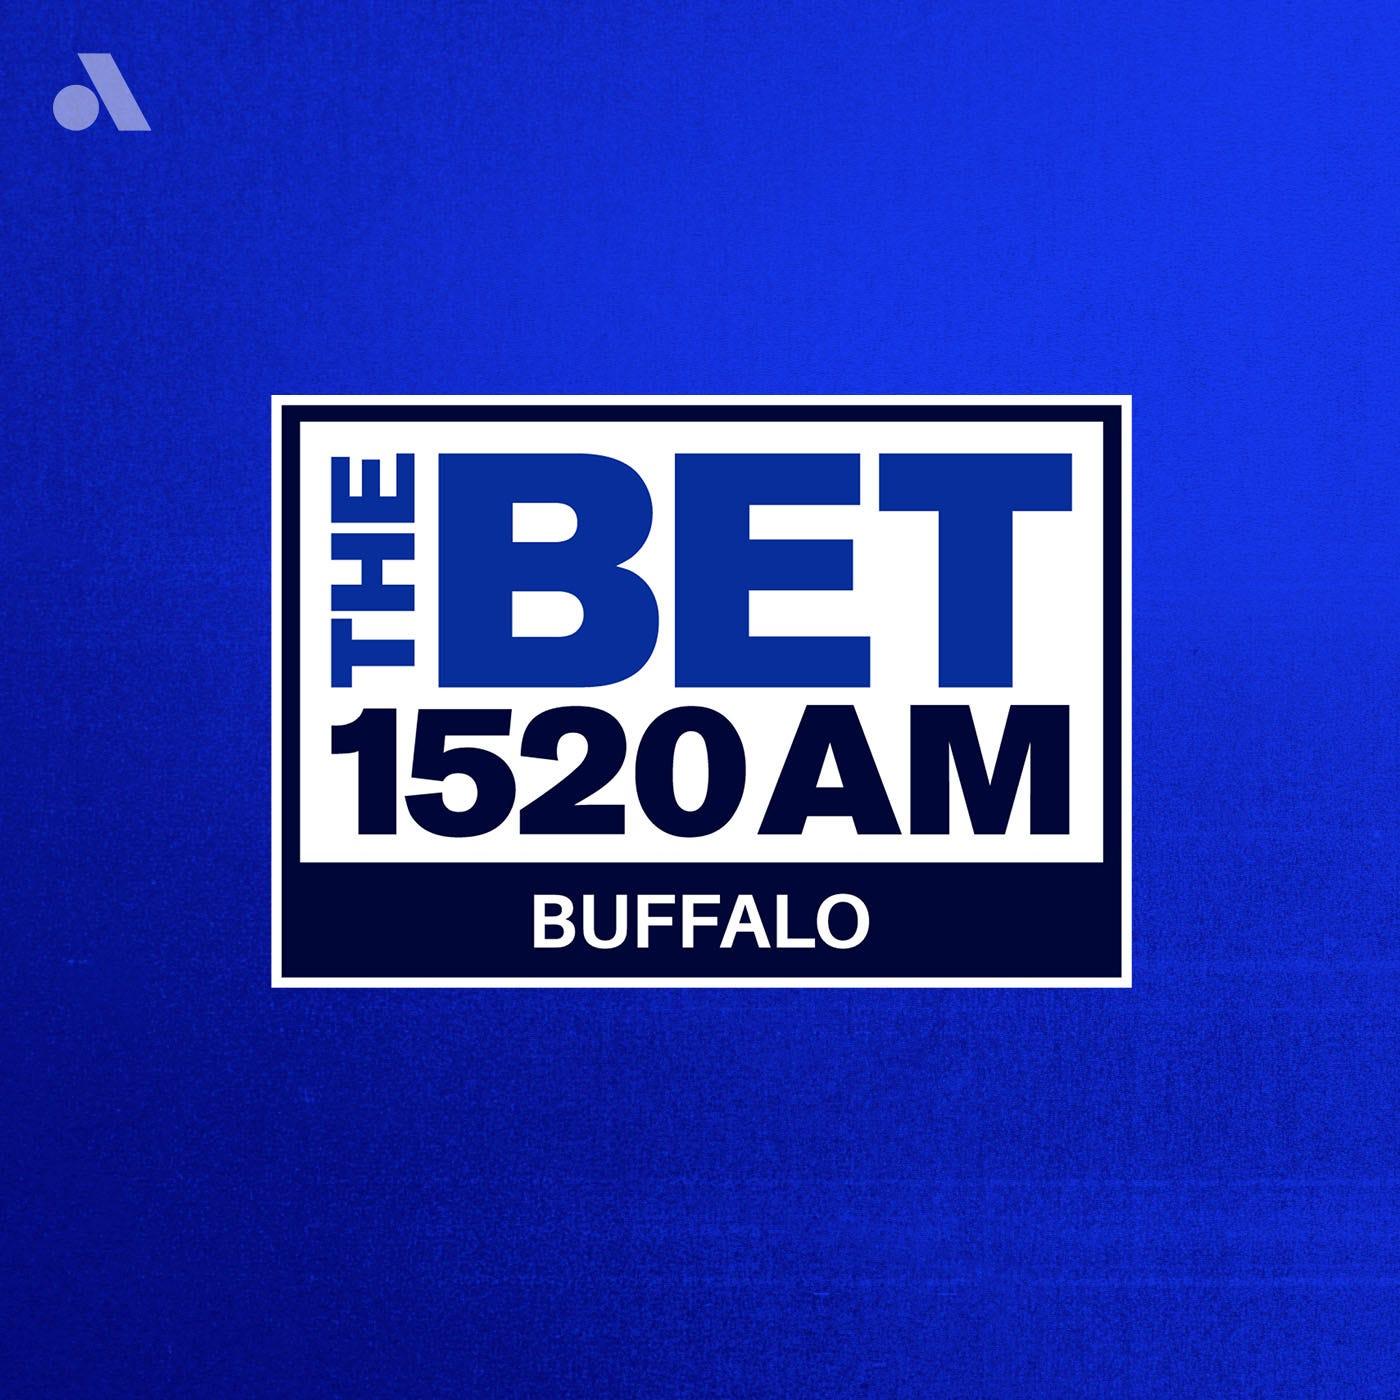 ESPN Buffalo